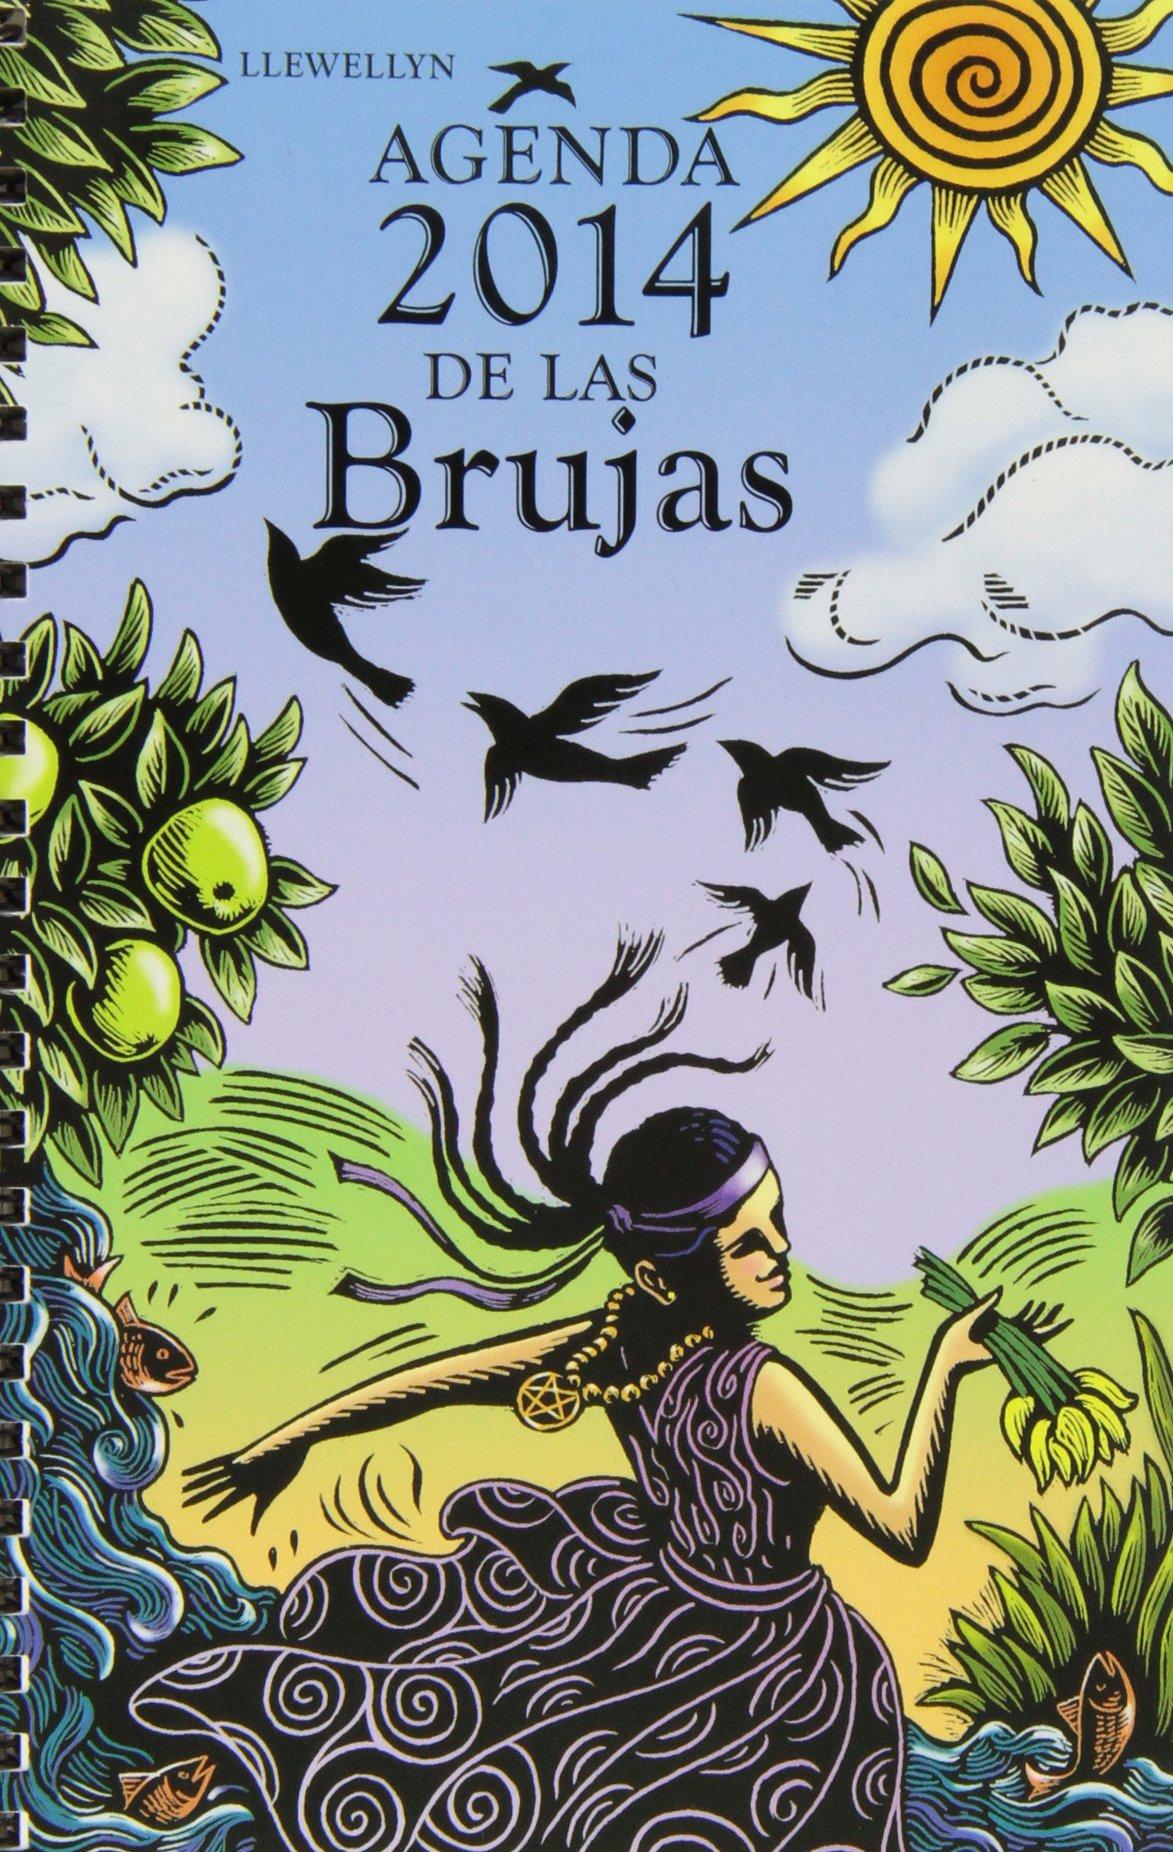 2014 Agenda brujas (AGENDAS): Amazon.es: ED. LLEWELLYN ...